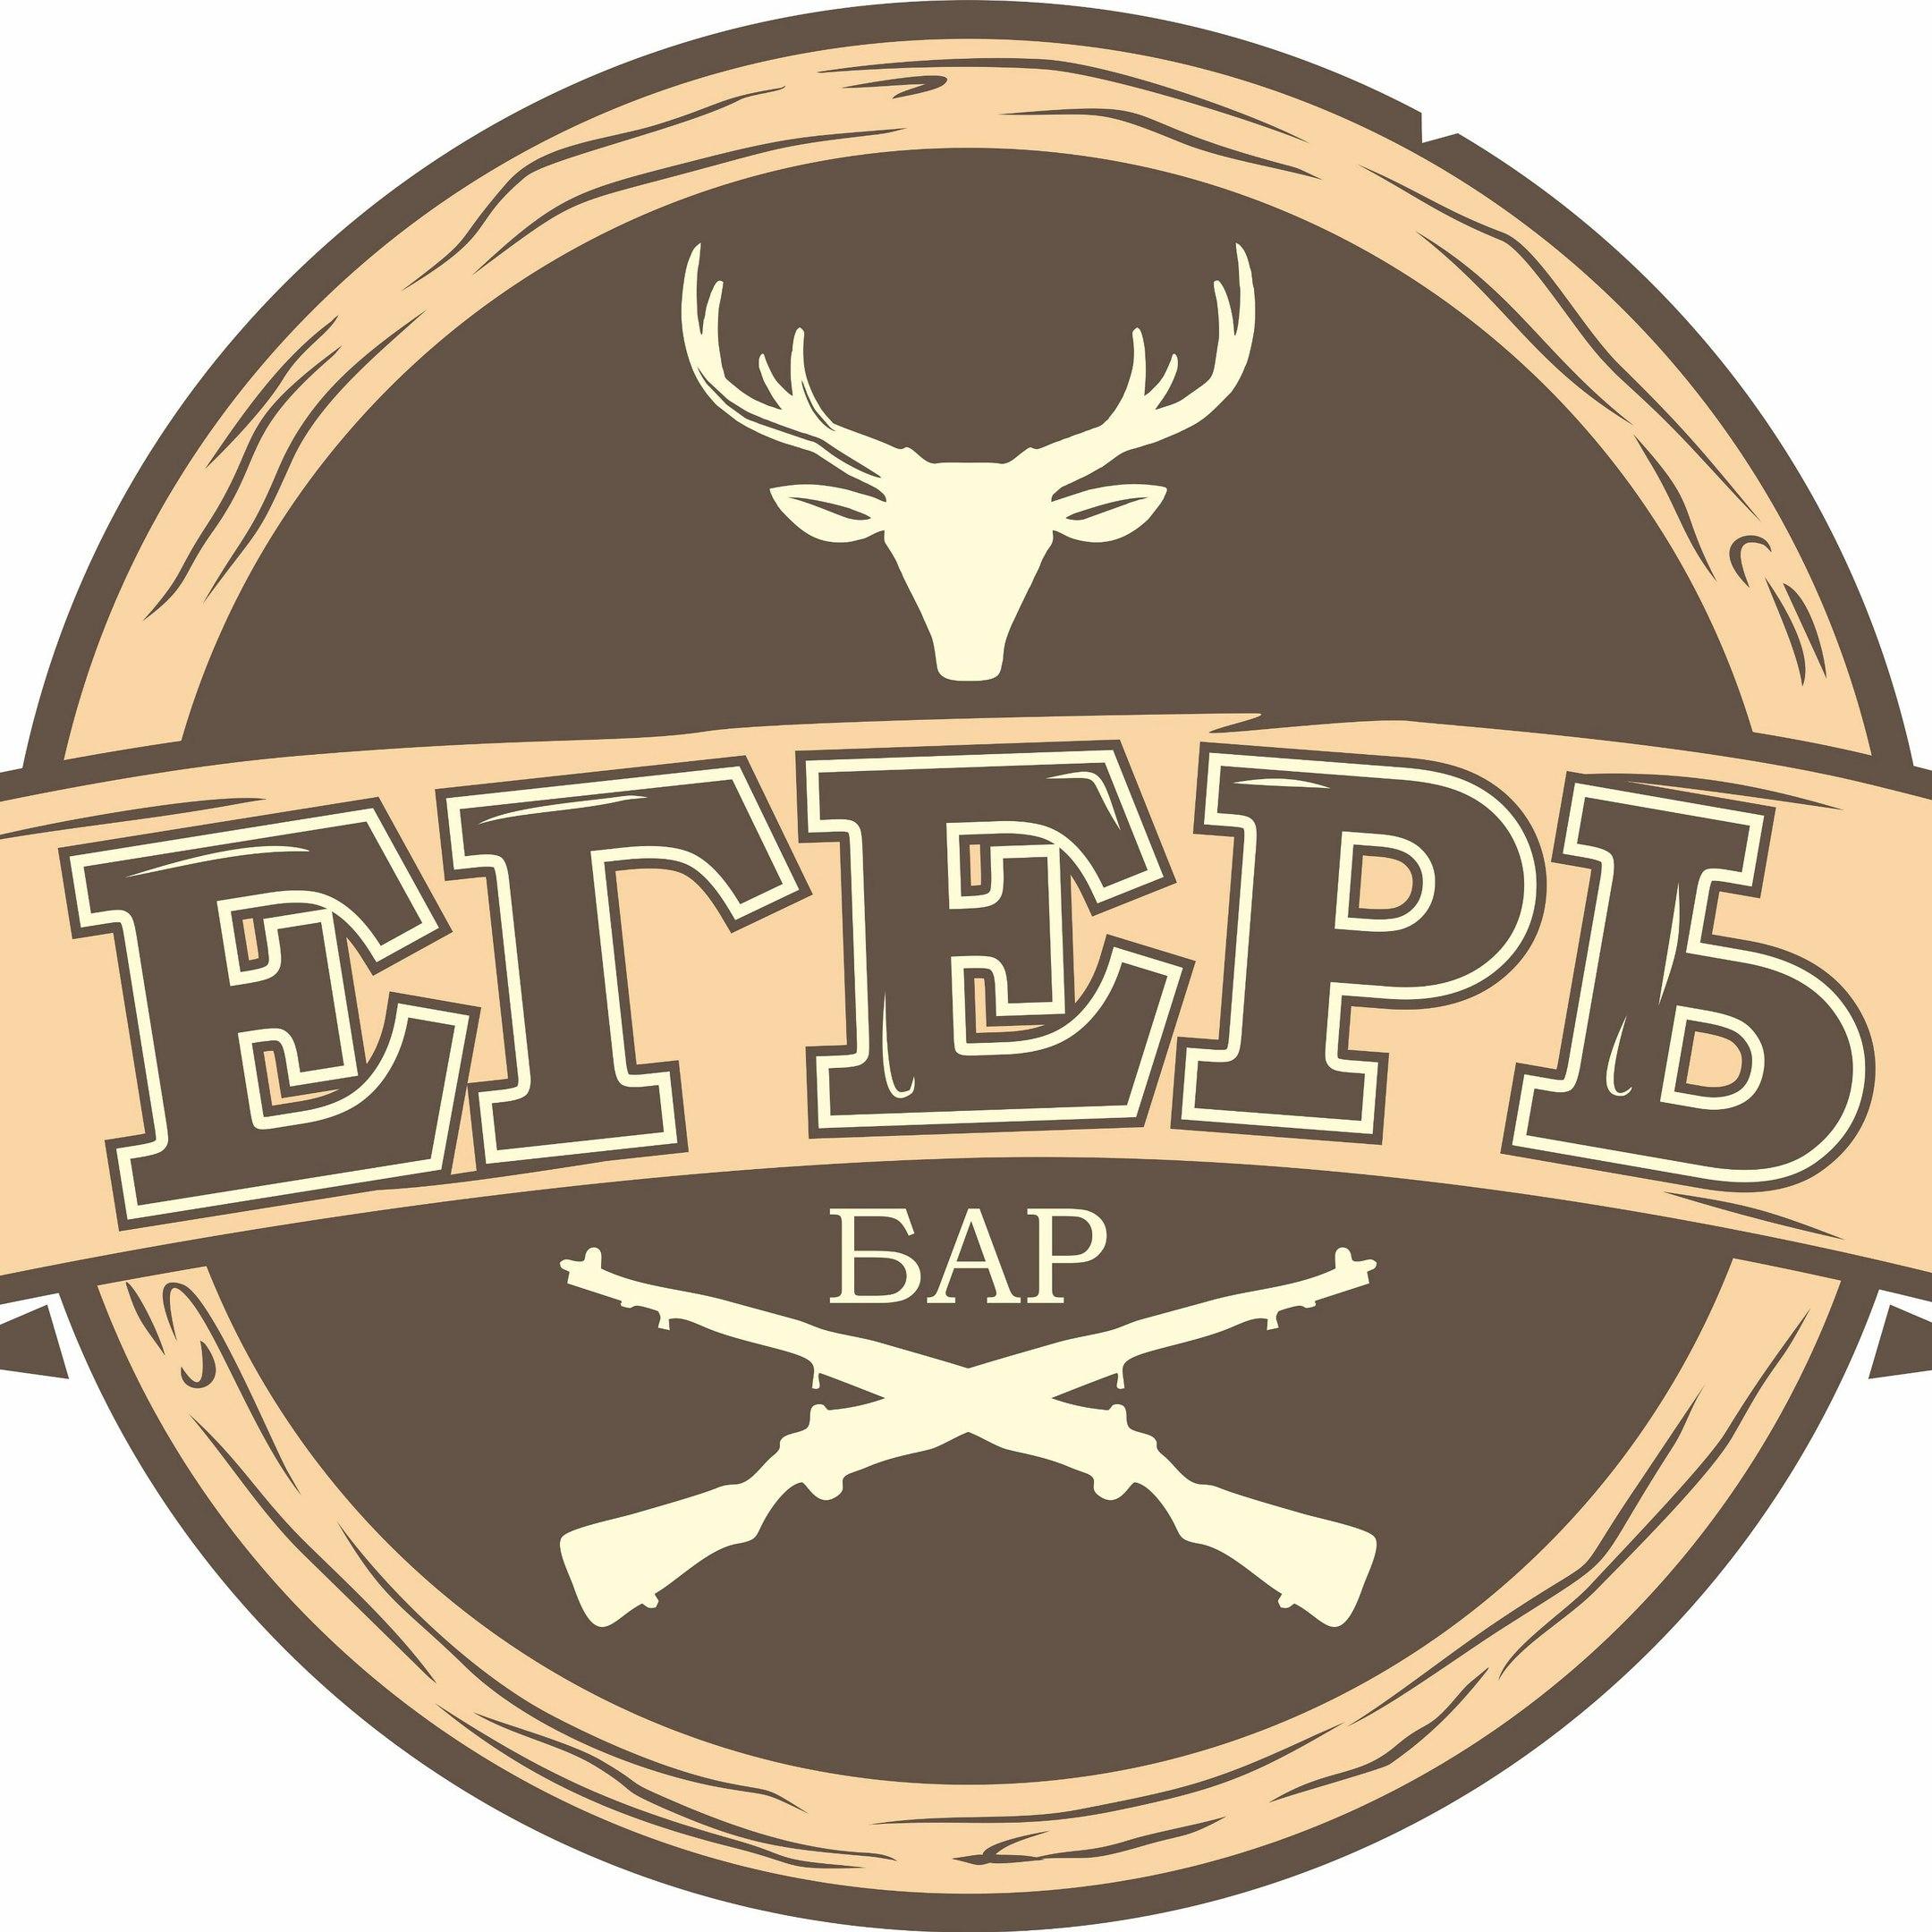 Егерь, бар в Кургане афиша курган